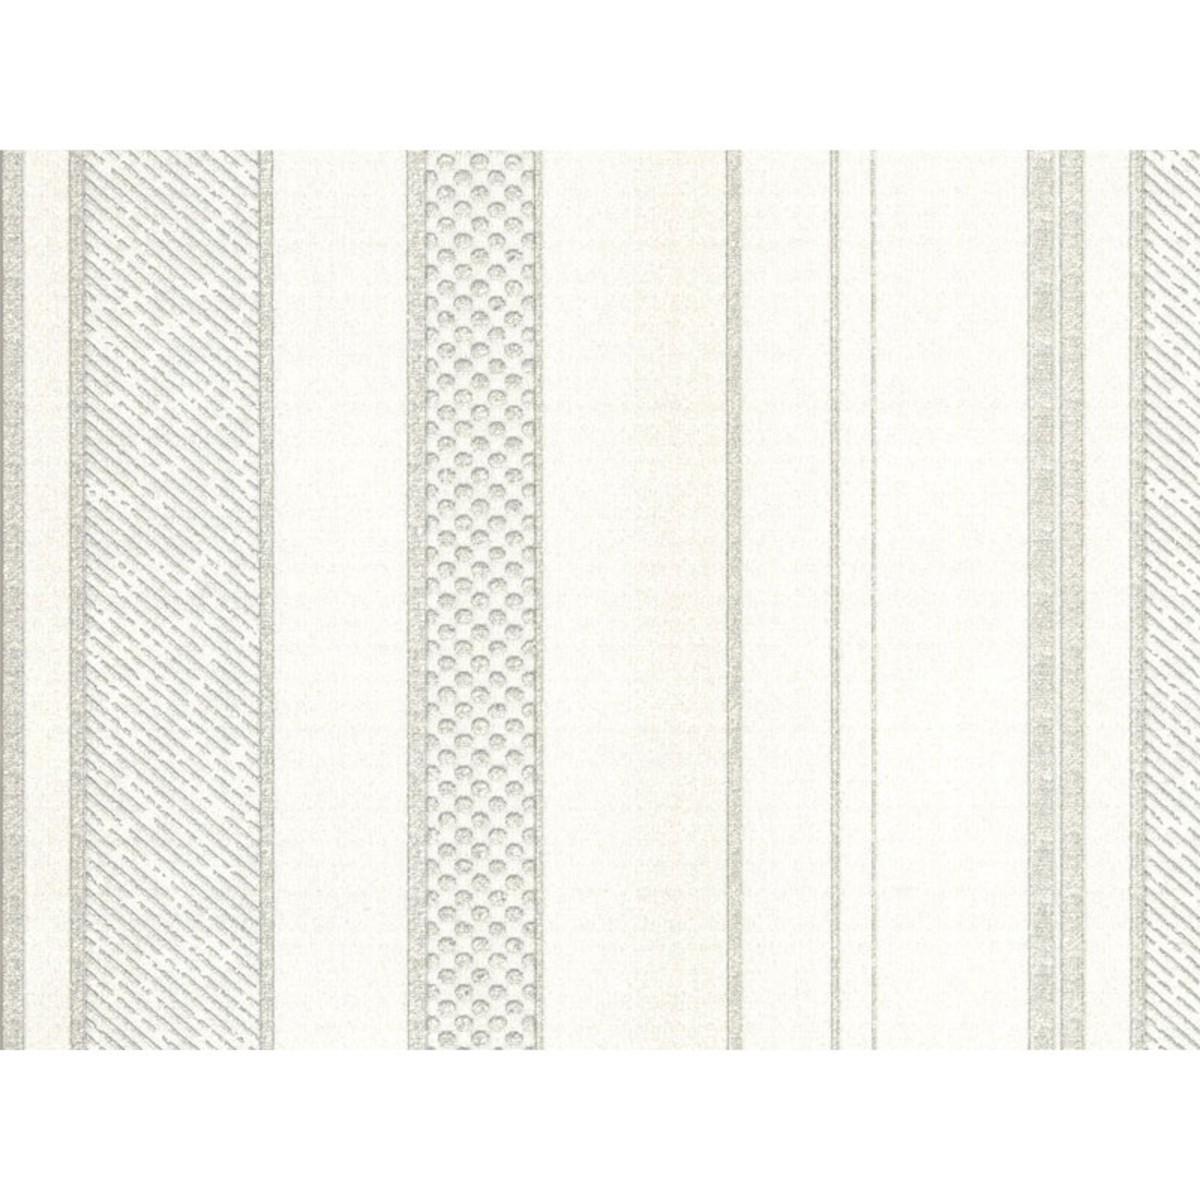 Обои на бумажной основе 0.70х10 м полосы цвет бежевый Za 3510